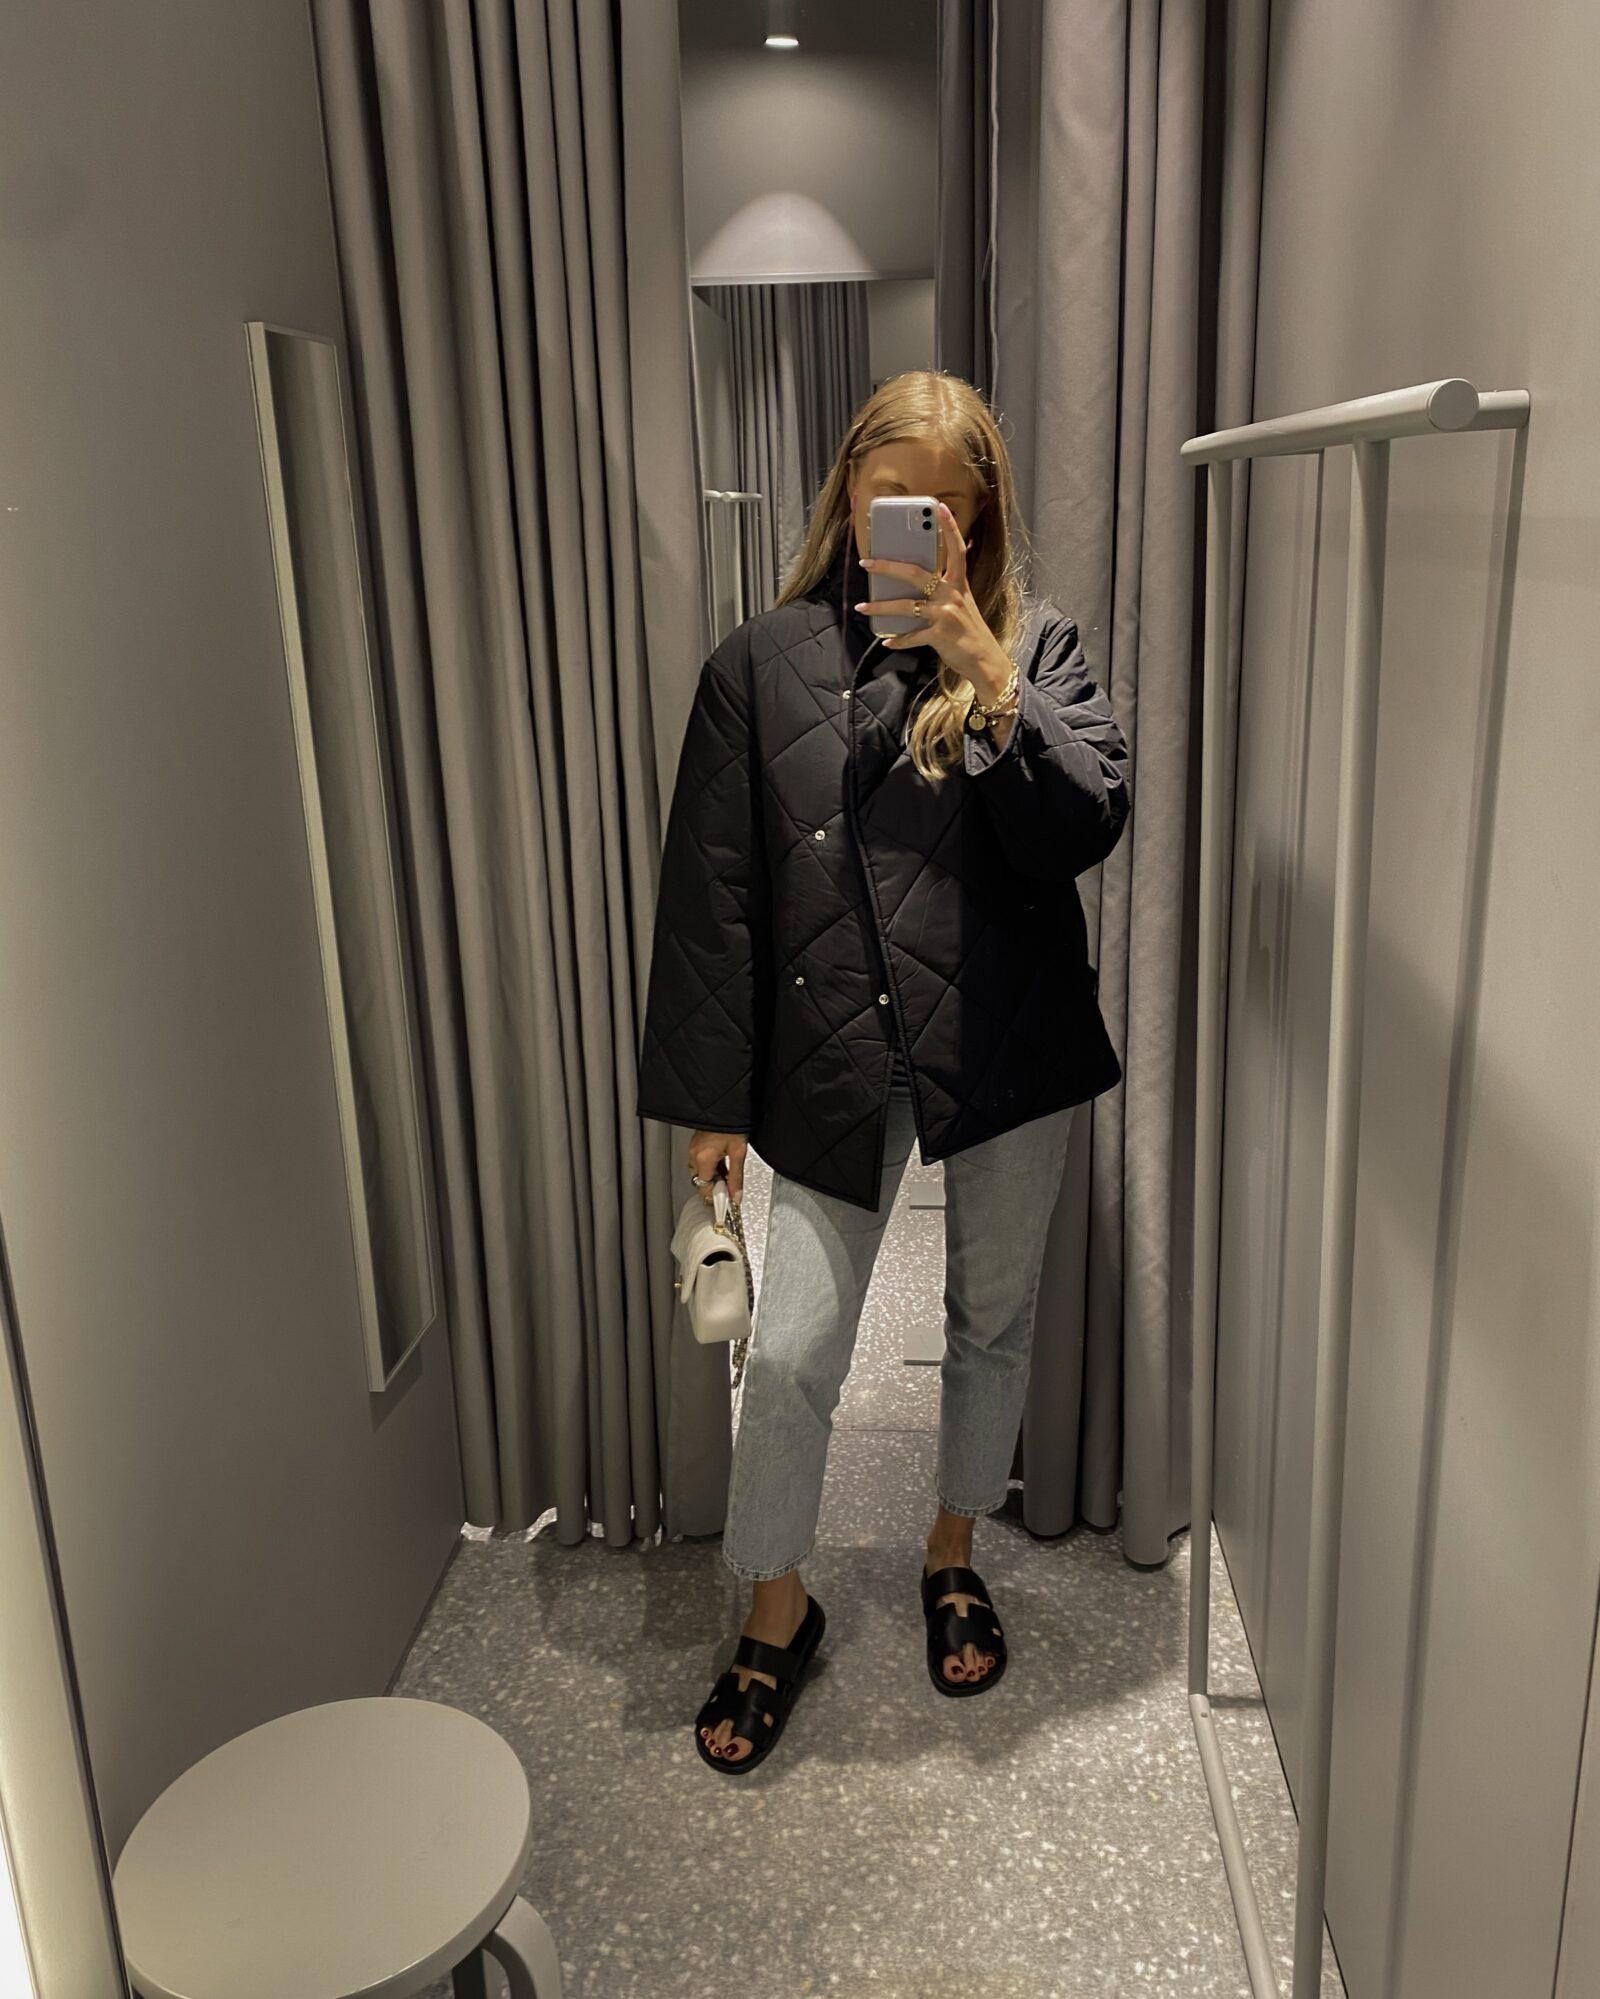 Arket Autumn Faves Black Quilted Oversized Jacket - Autumn Wardrobe Essentials